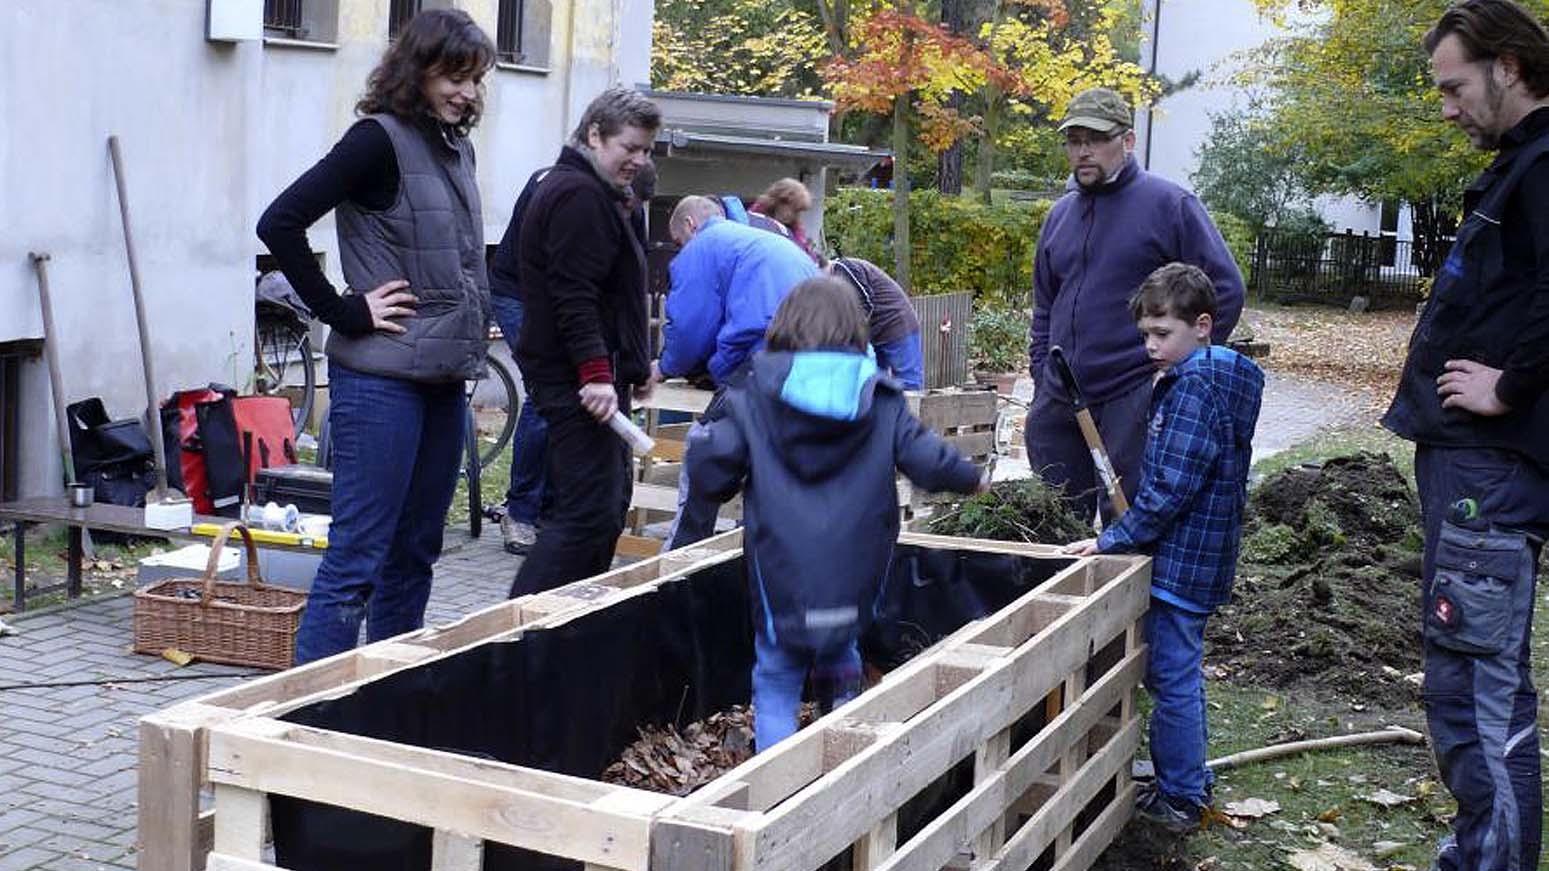 Männer, Frauen, Kinder stehen um ein unfertiges Hochbeet aus Europaletten herum. Ein Kind tritt den Mulch im Hochbeet fest.